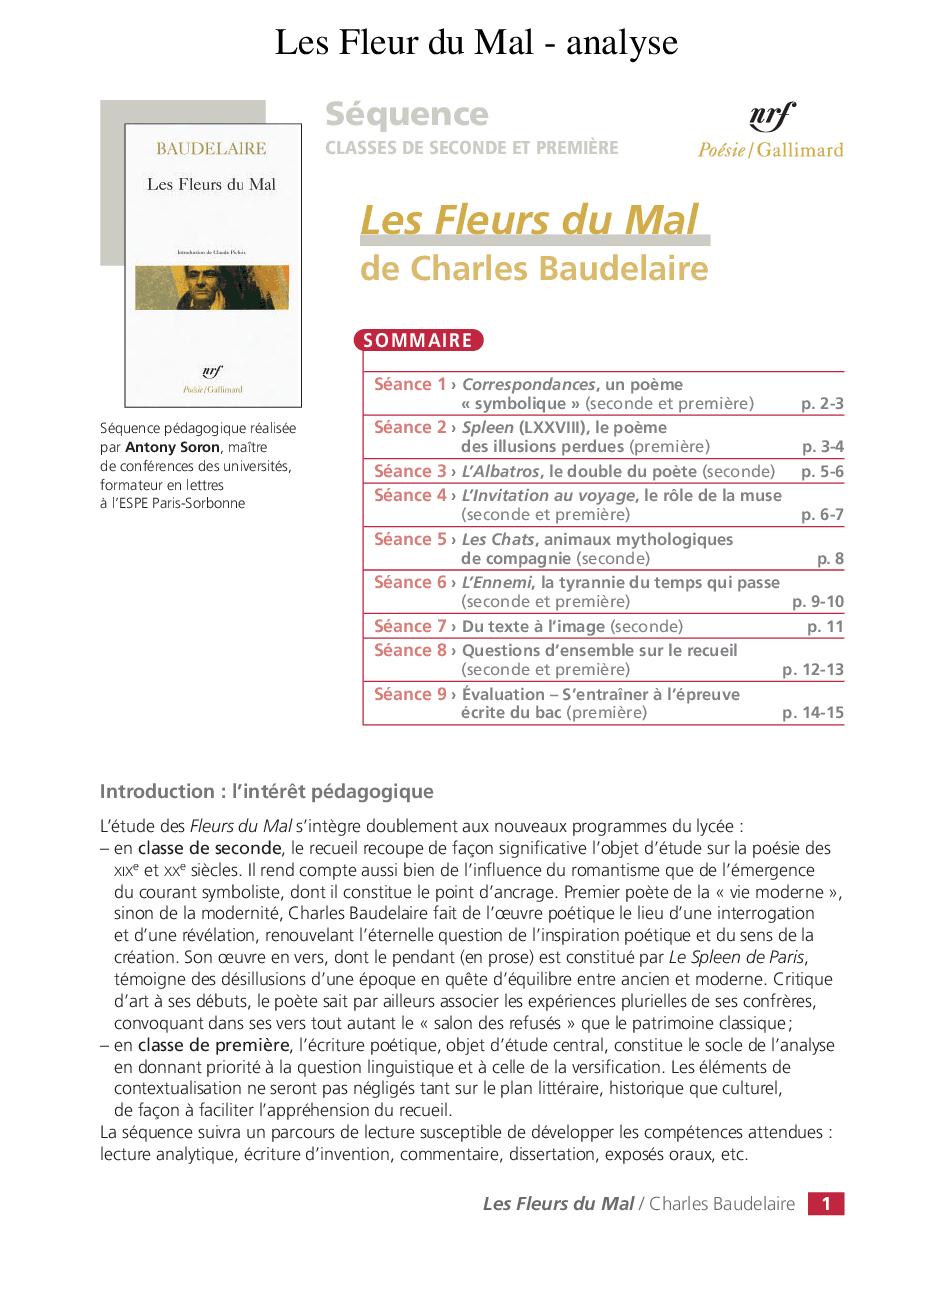 Les Fleur Du Mal - Analyse - Docsity à Poeme Les Fleurs